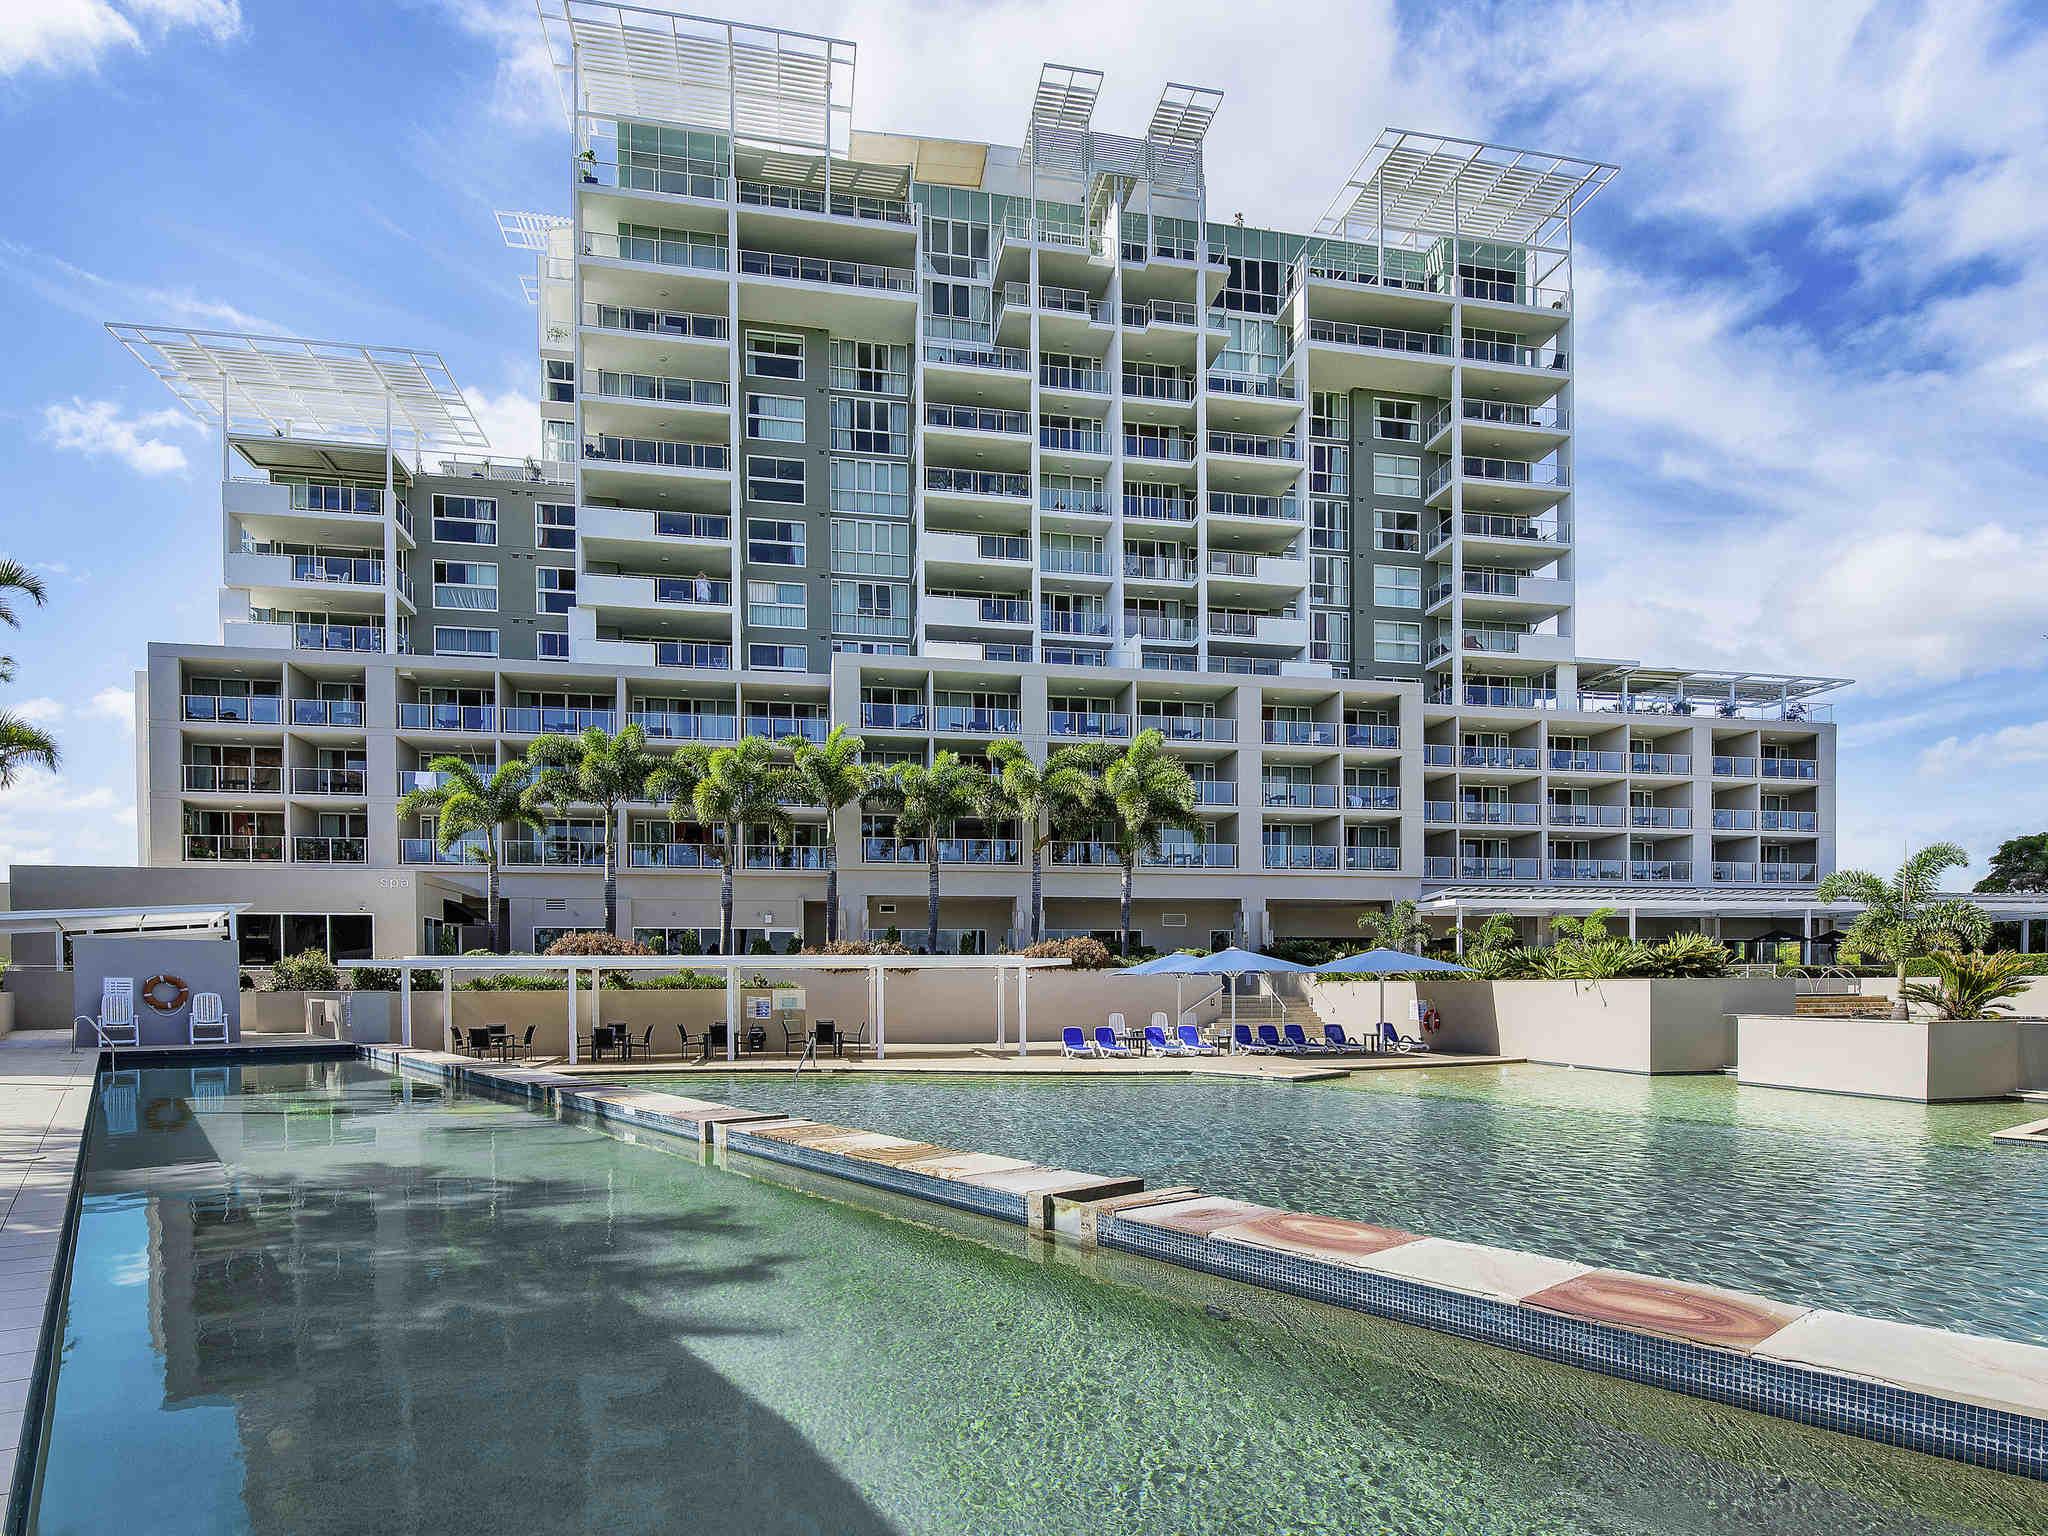 โรงแรม – The Sebel Pelican Waters Resort